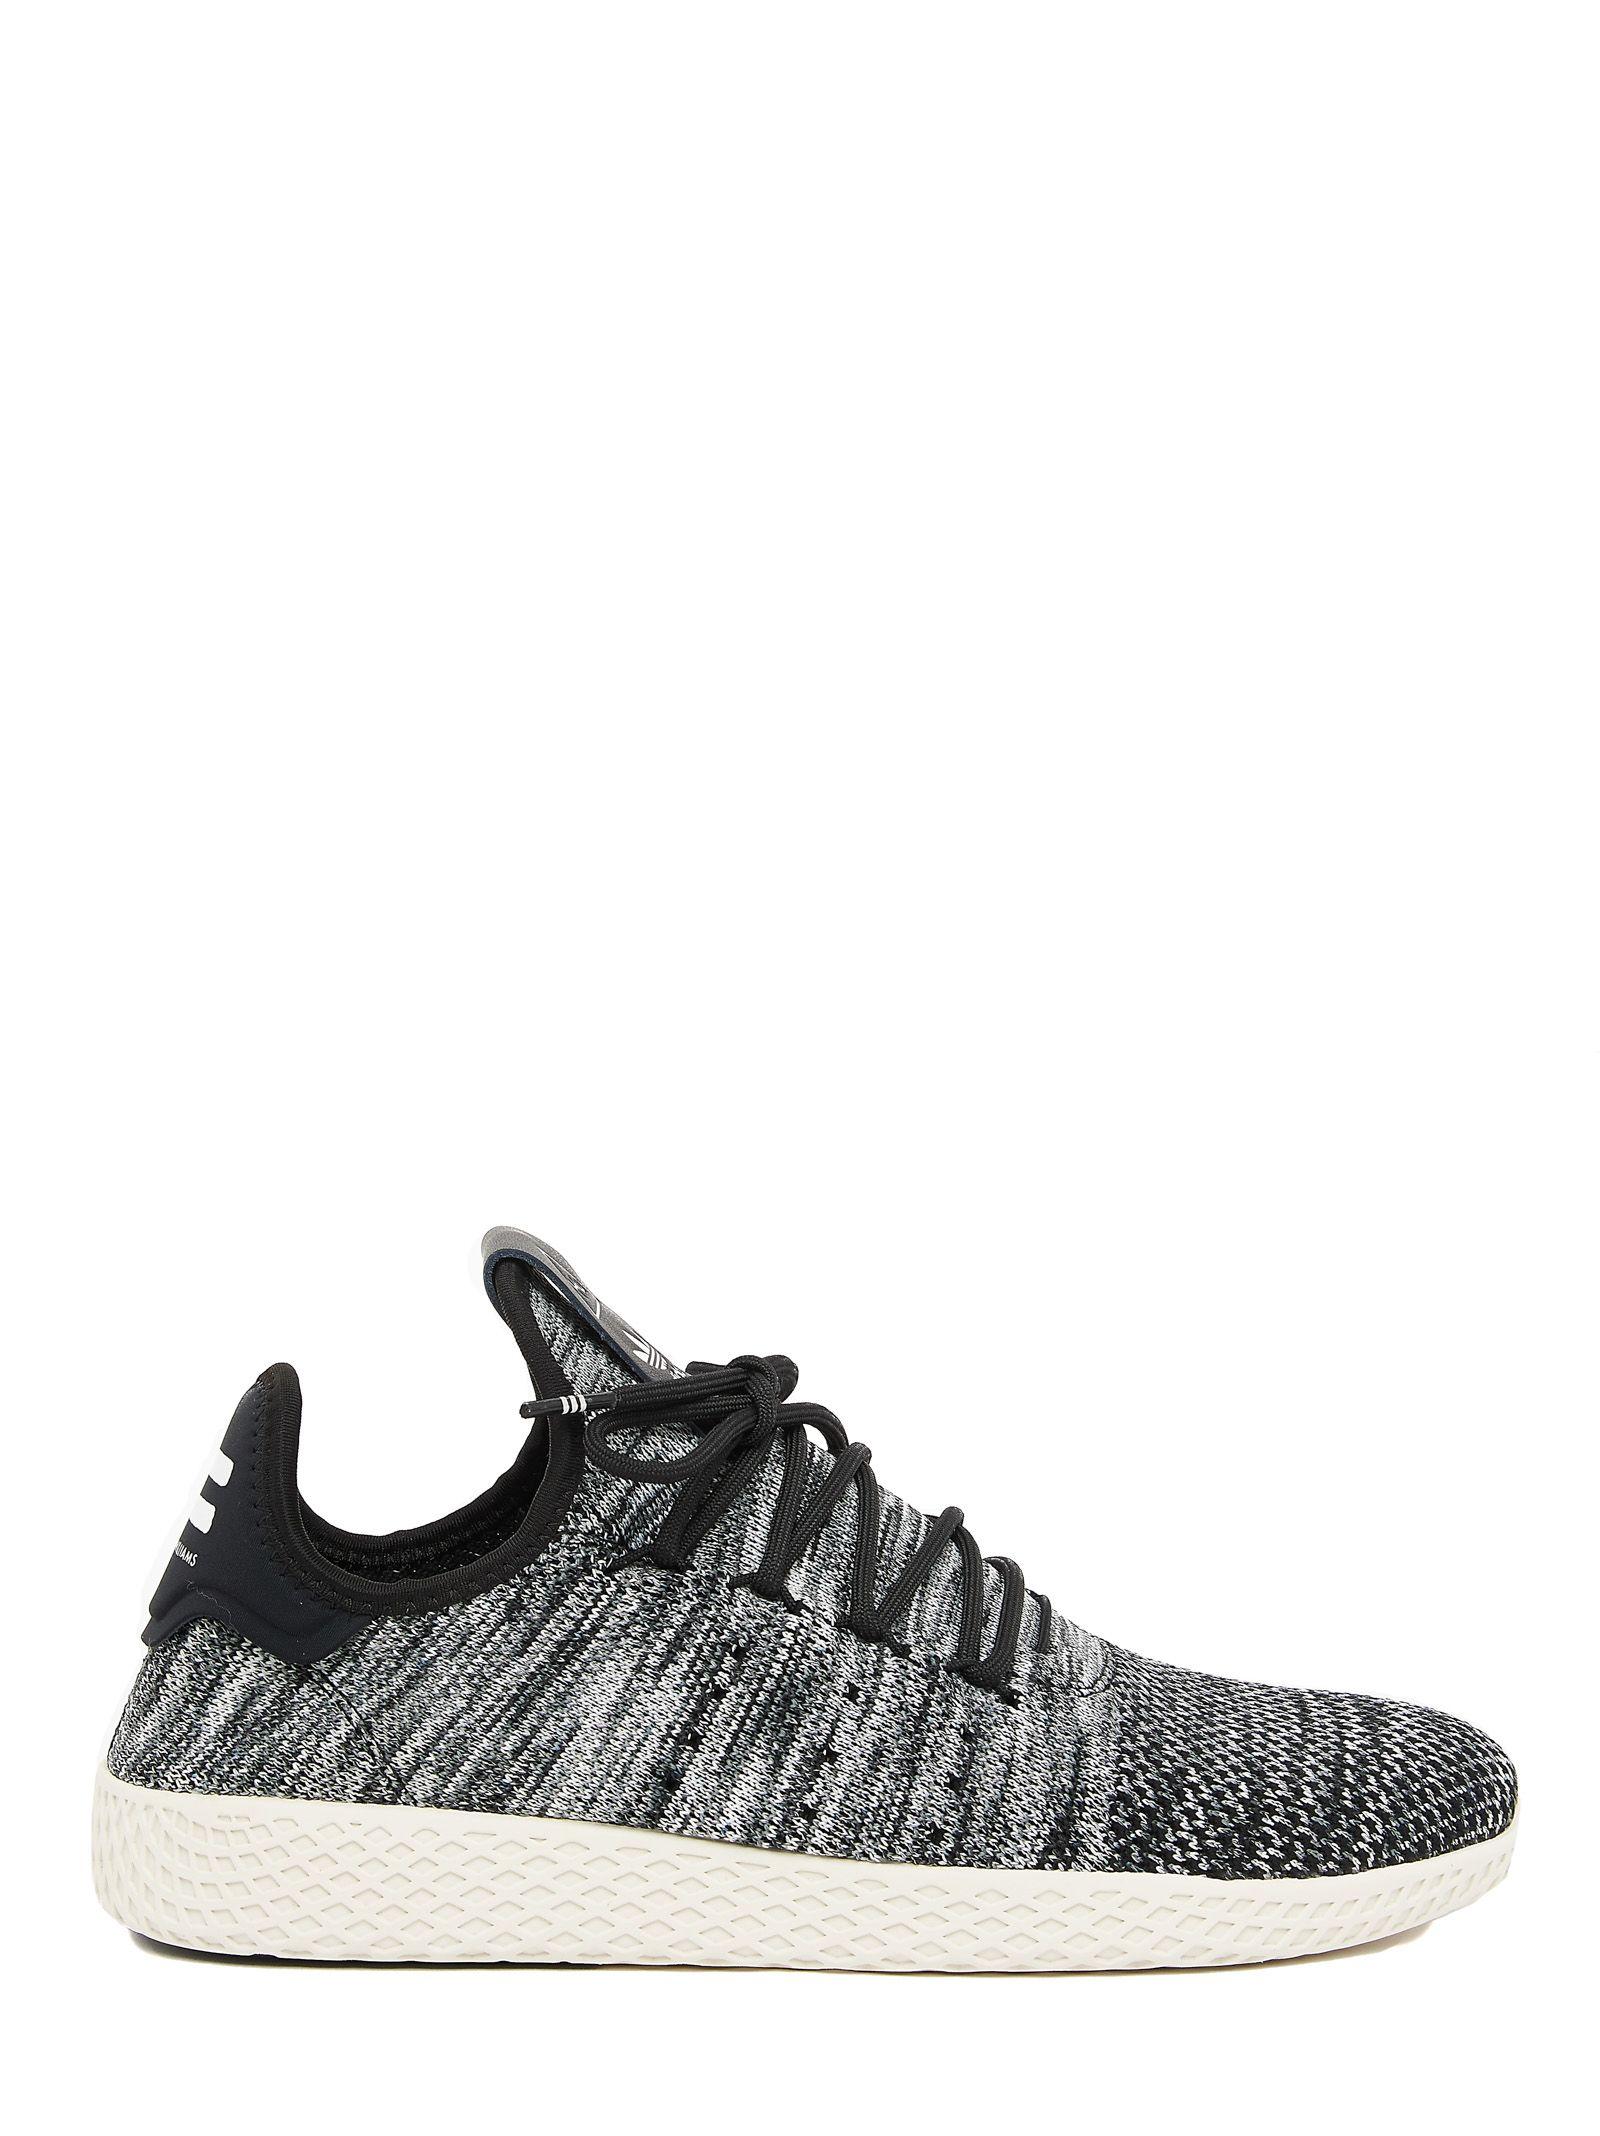 a08774a99 Adidas Originals Adidas Originals  pw Tennis Hu Pk  Shoes - Black ...